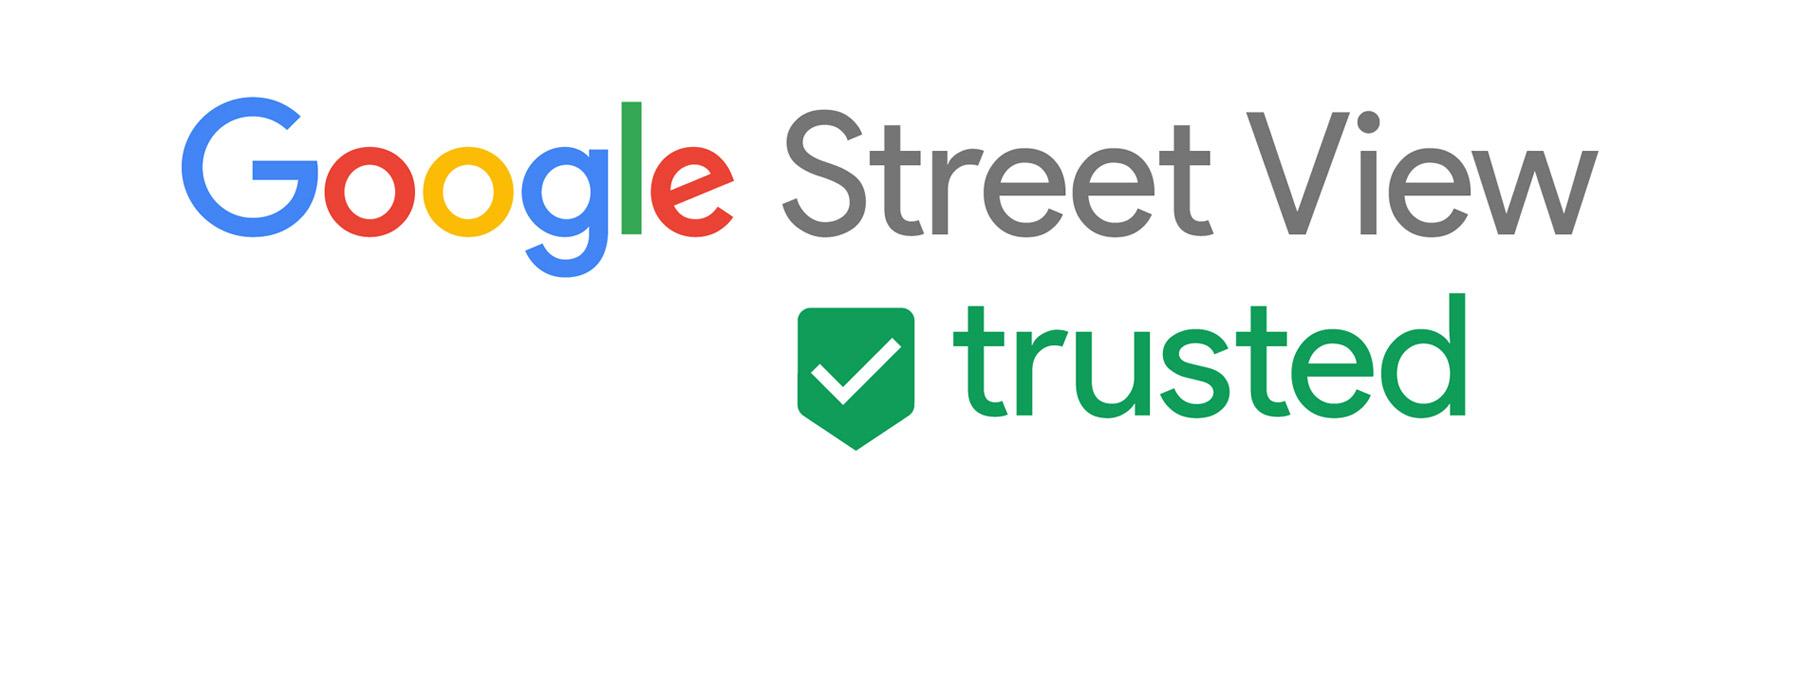 Googleストリートビュー認定プログラム事業者